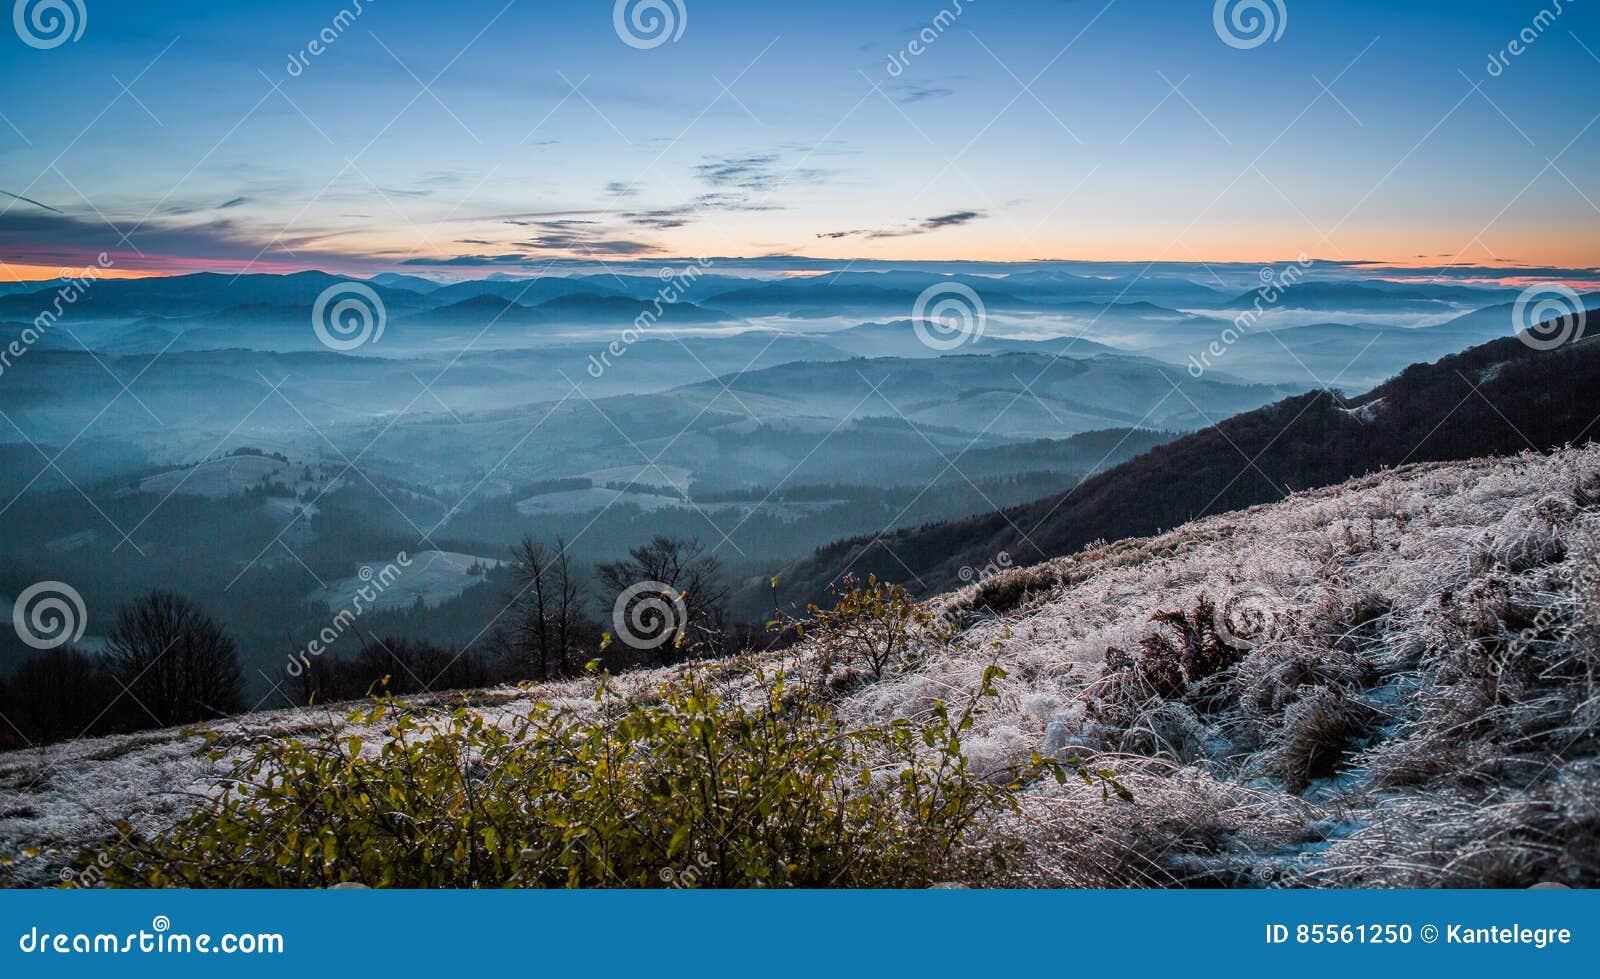 Sonnenaufgang auf Berg mit Nebel und gefrorenem Gras